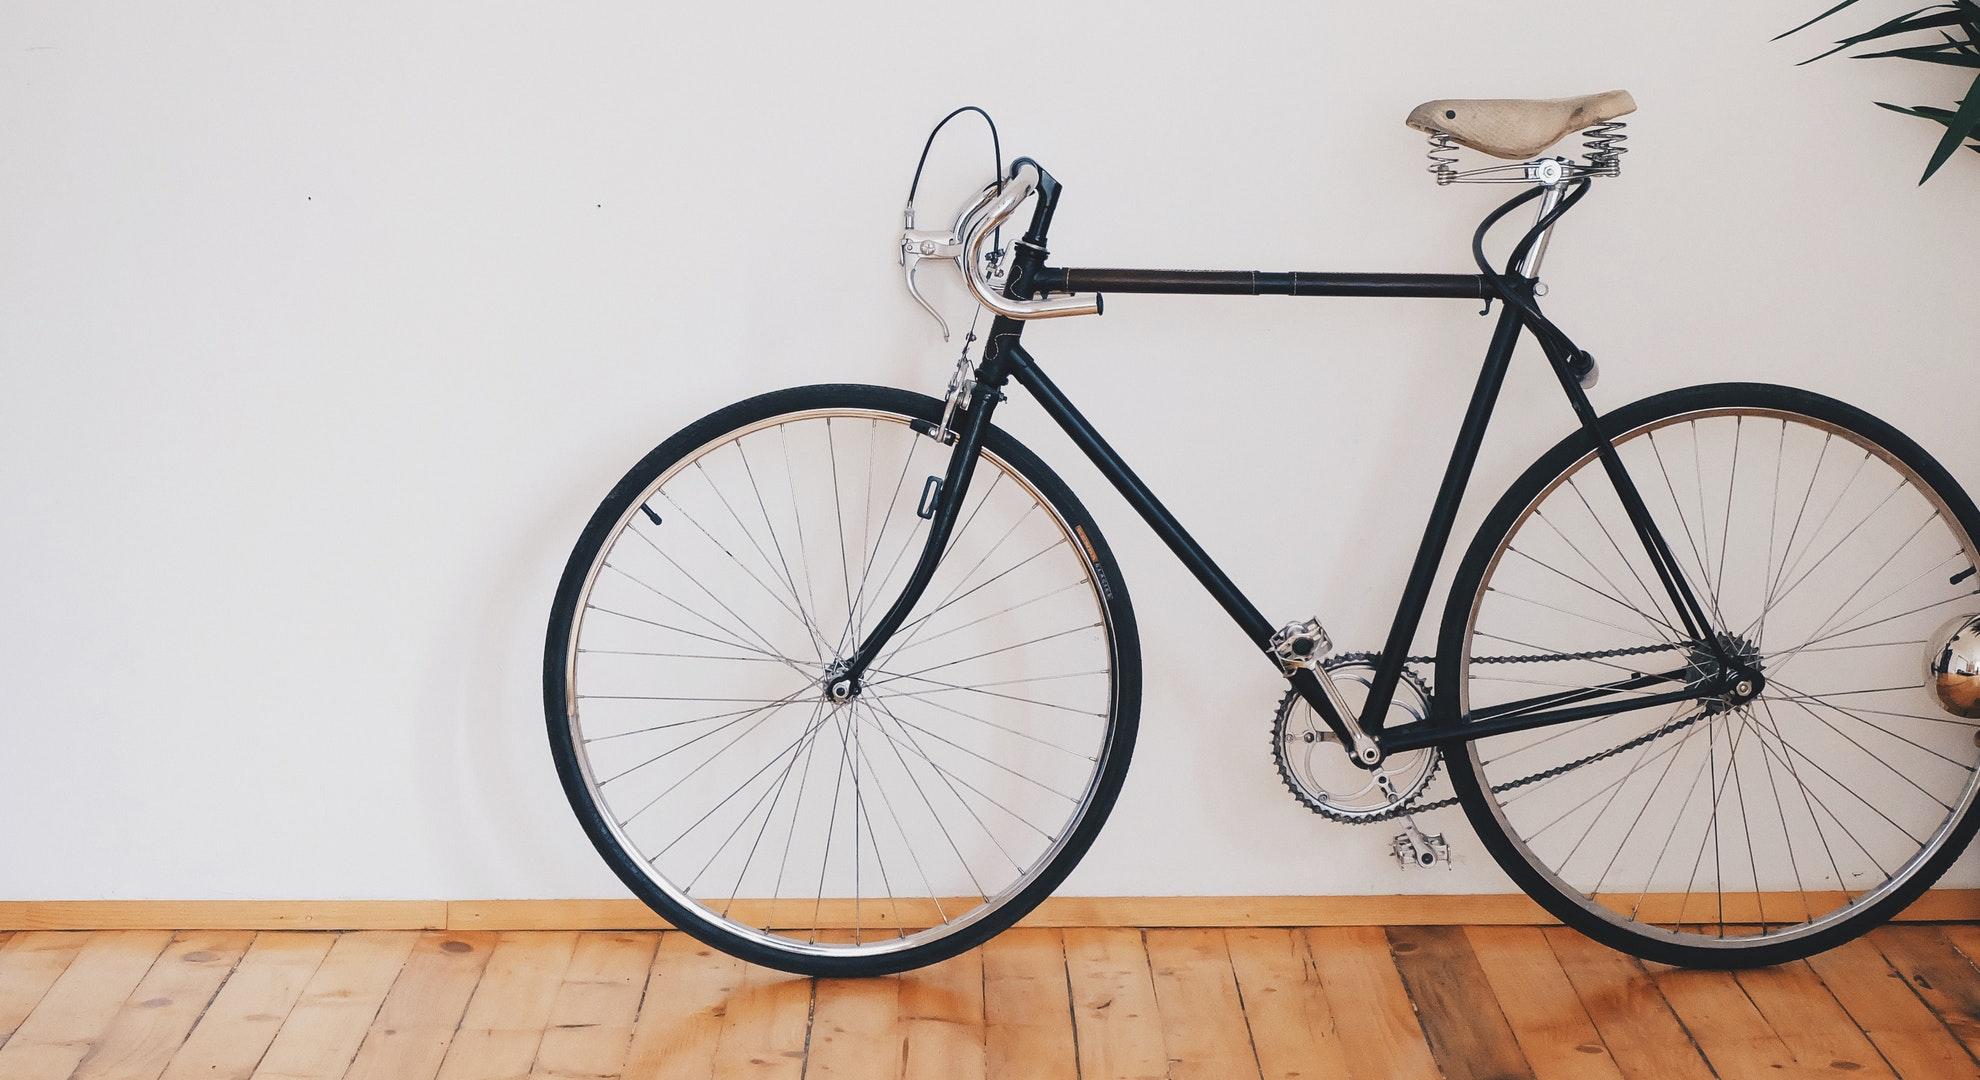 【シェア自転車】名古屋にあるシェア自転車サービス「バイクシェア」と「チャリチャリ」を利用してみた!